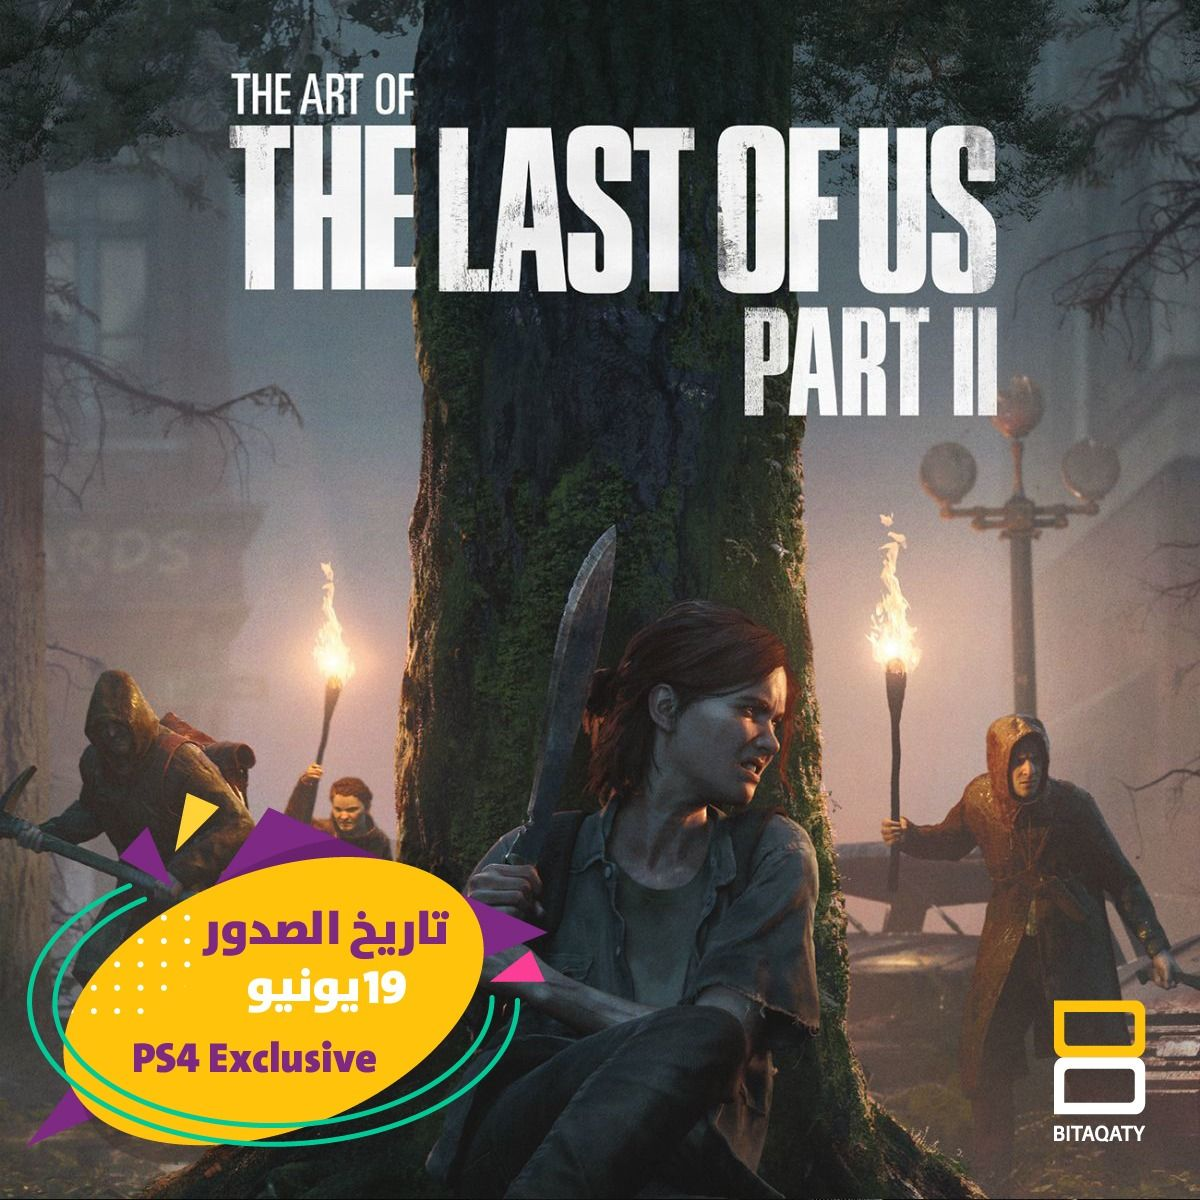 تعرف على أهم الألعاب القادمة في شهر يونيو 2020 ايش أكثر لعبة متحمسين لها فيهم Fictional Characters Playbill Art